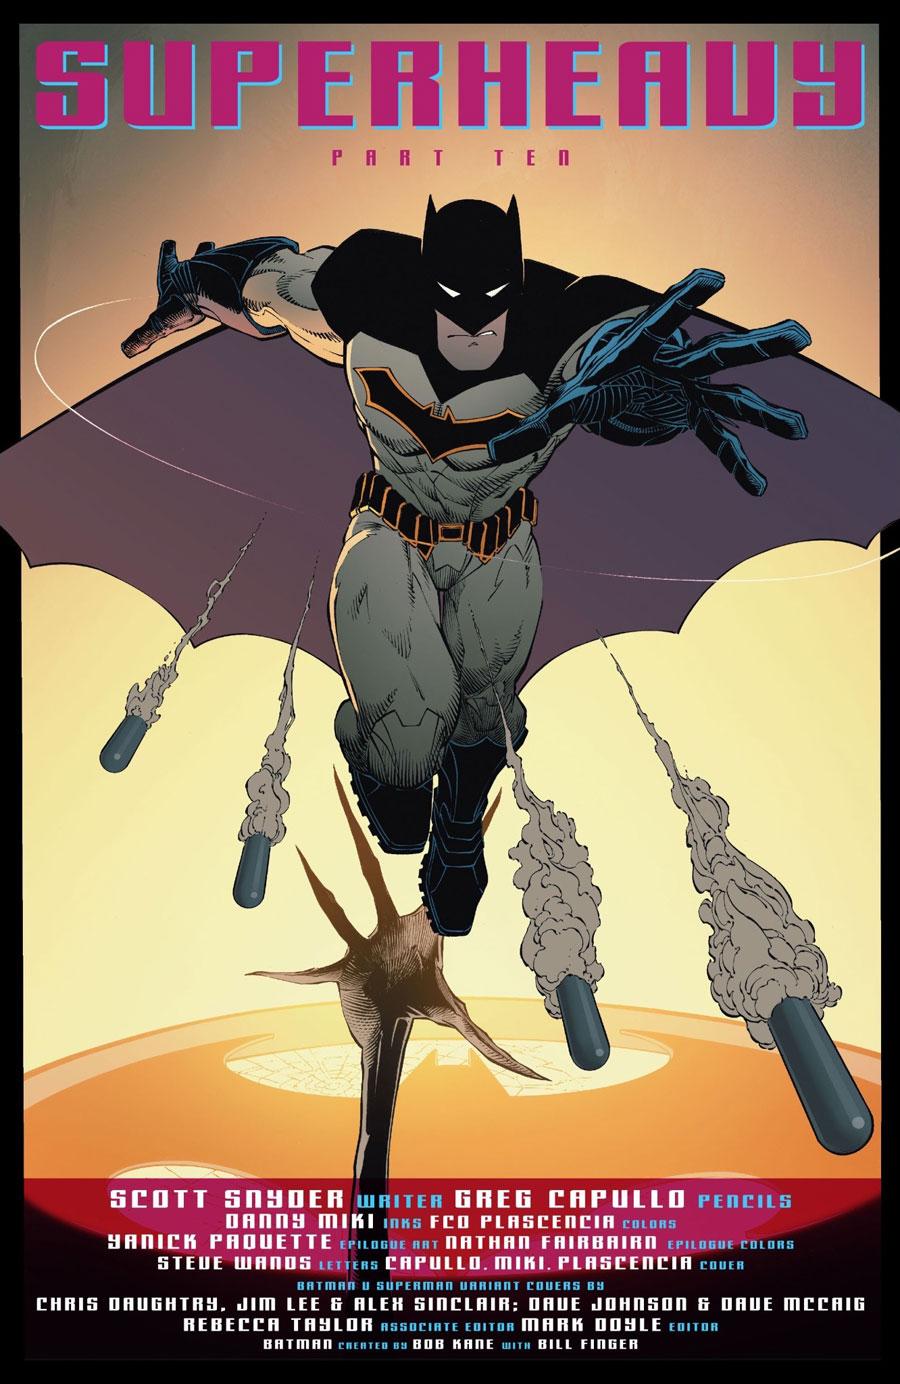 batman-gets-a-new-costume-in-batman-50